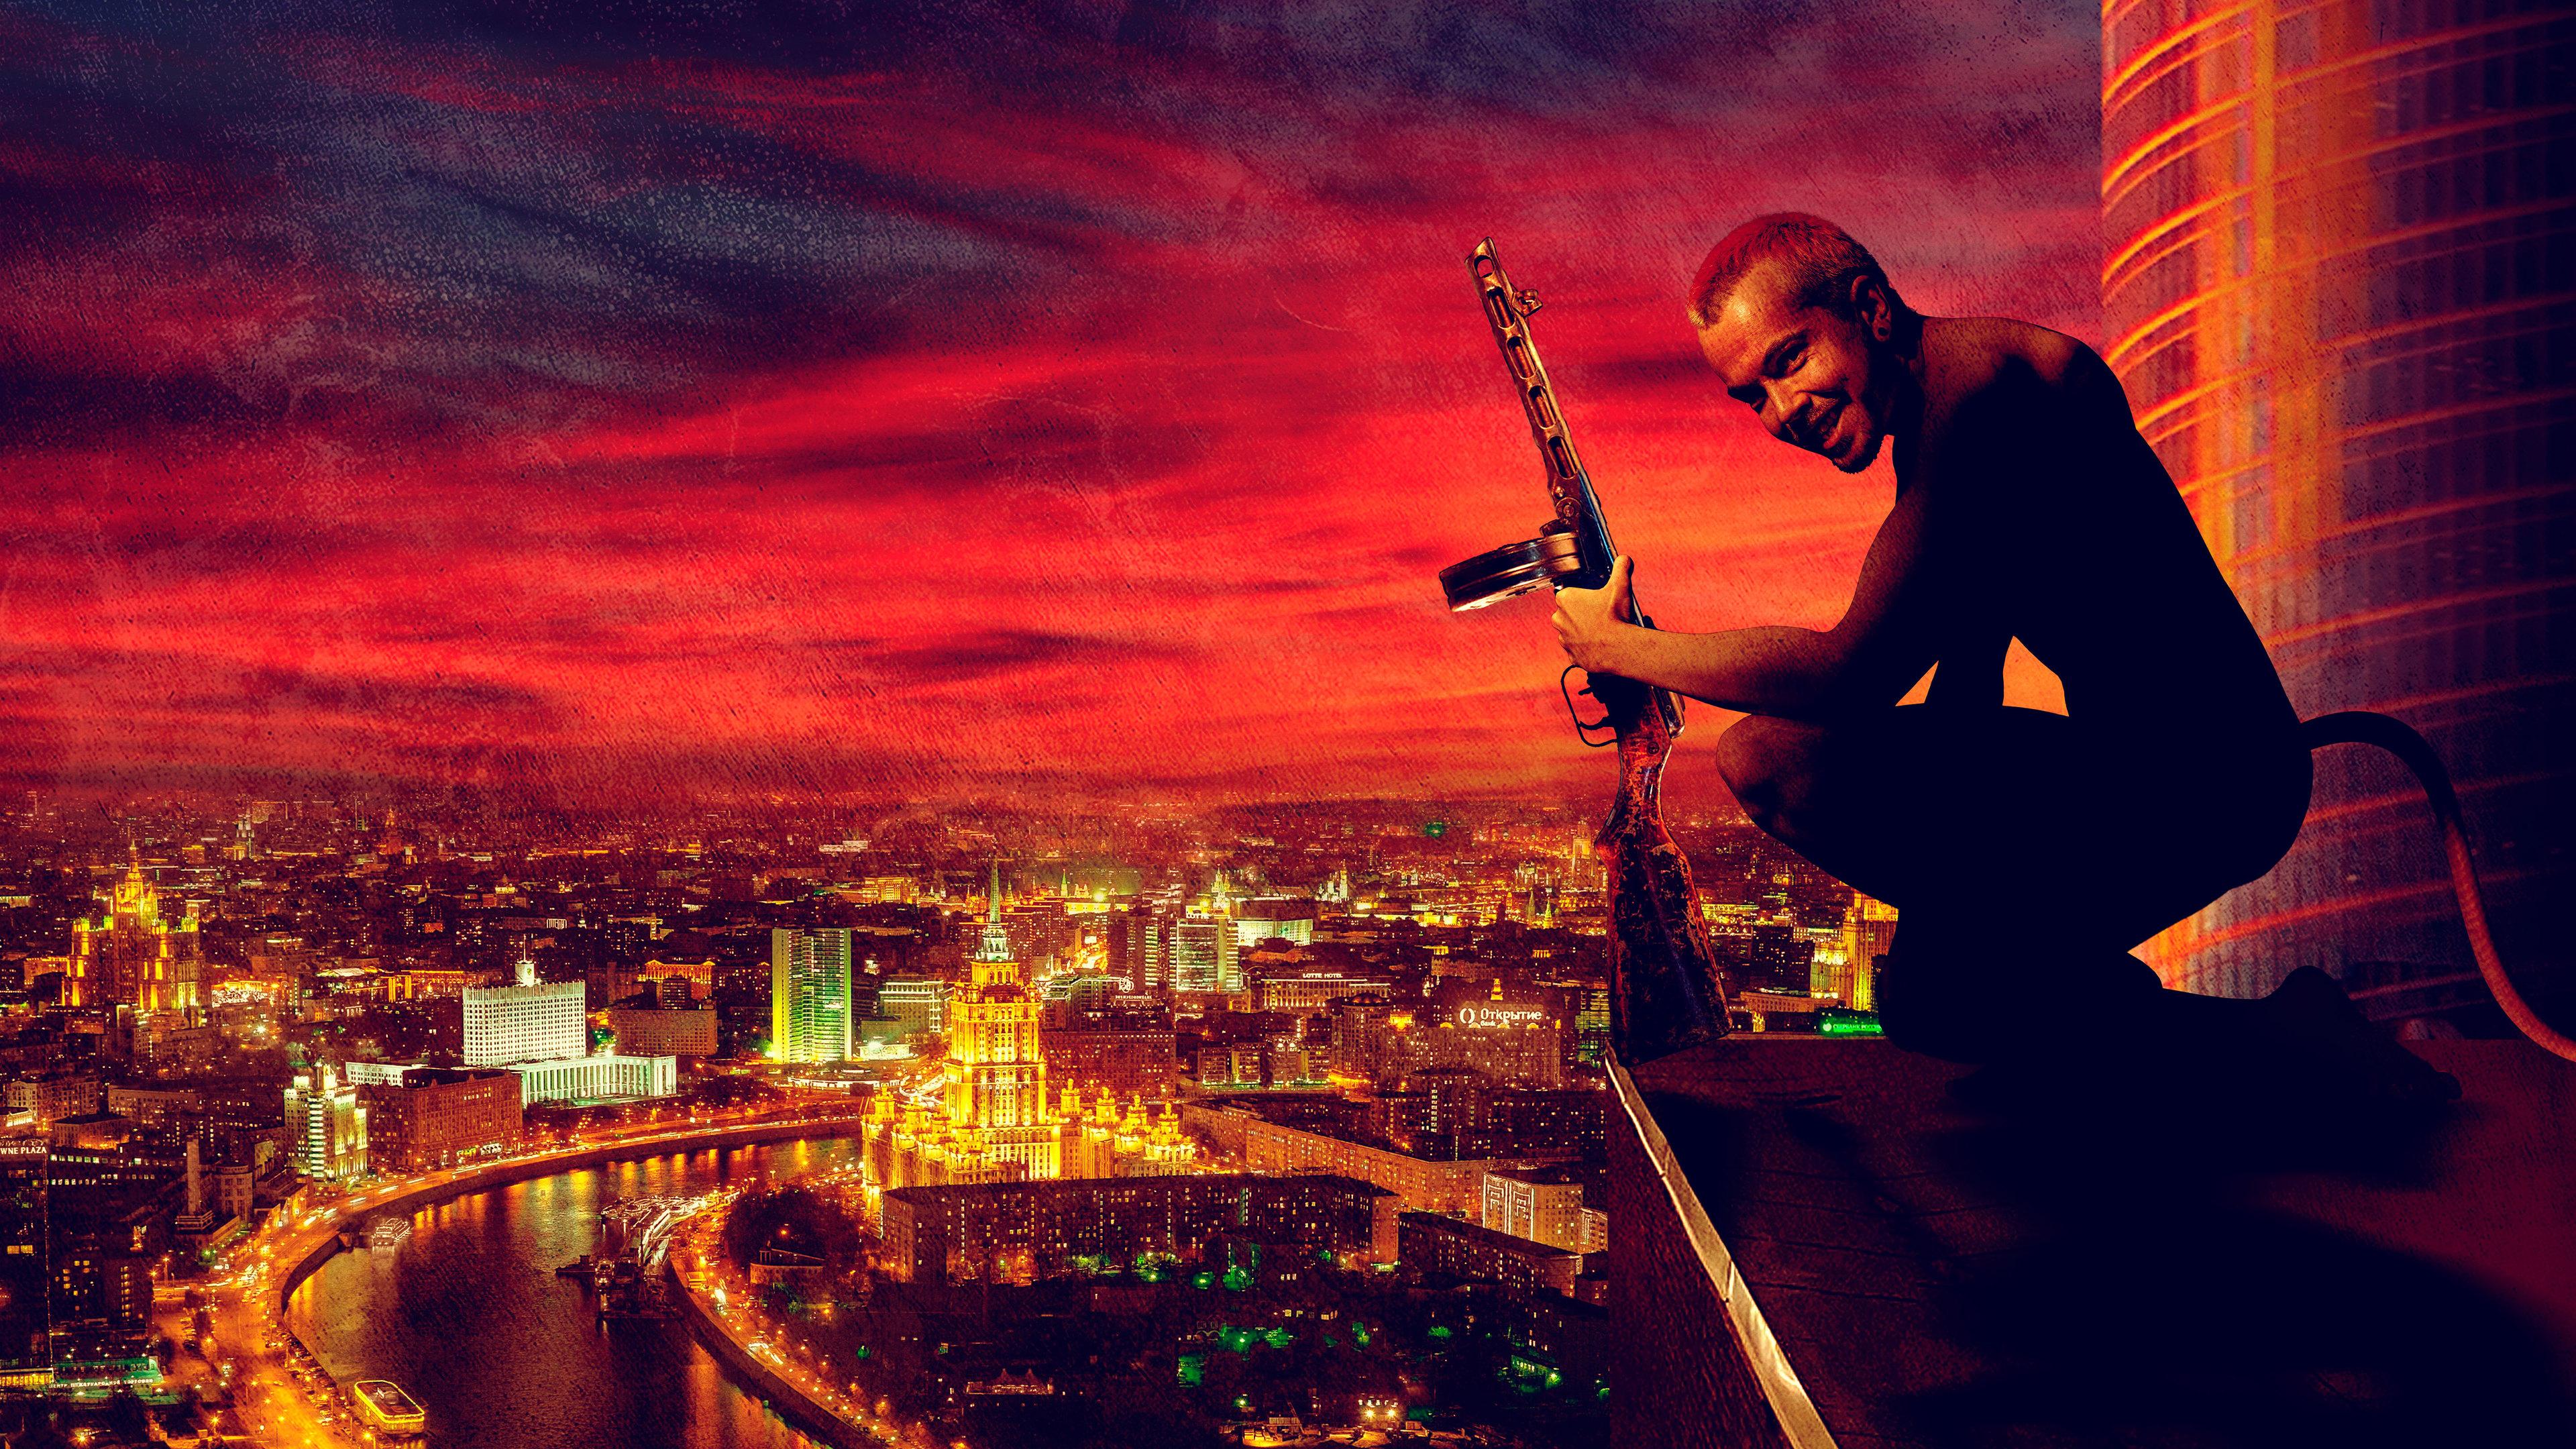 russkiy bes 4k 1548528543 - Russkiy Bes 4k - movies wallpapers, hd-wallpapers, gun wallpapers, 5k wallpapers, 4k-wallpapers